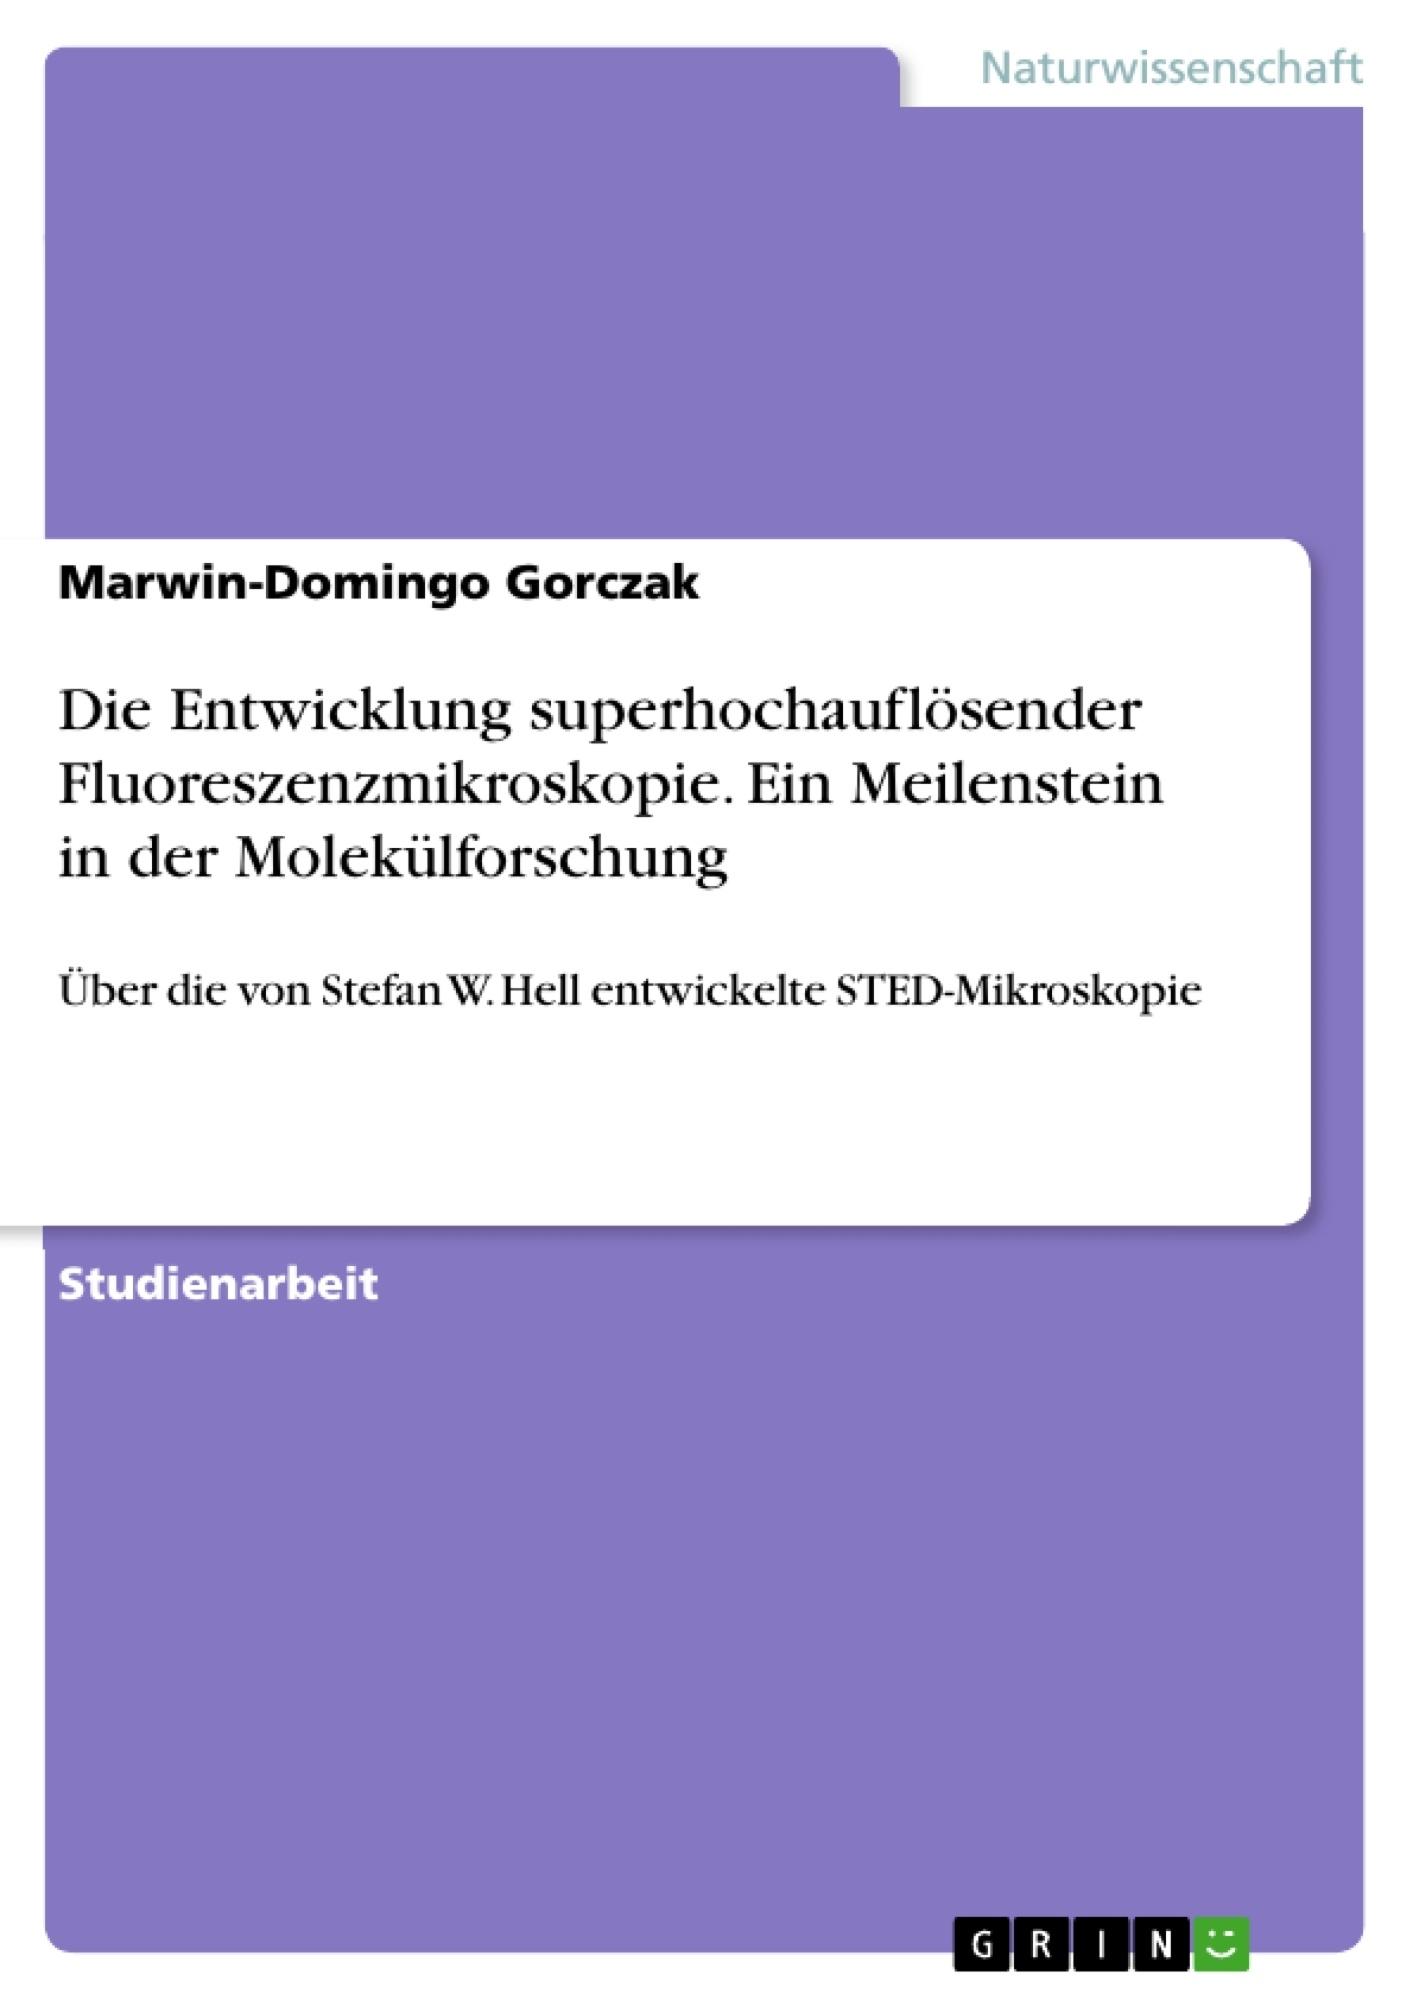 Titel: Die Entwicklung superhochauflösender Fluoreszenzmikroskopie. Ein Meilenstein in der Molekülforschung